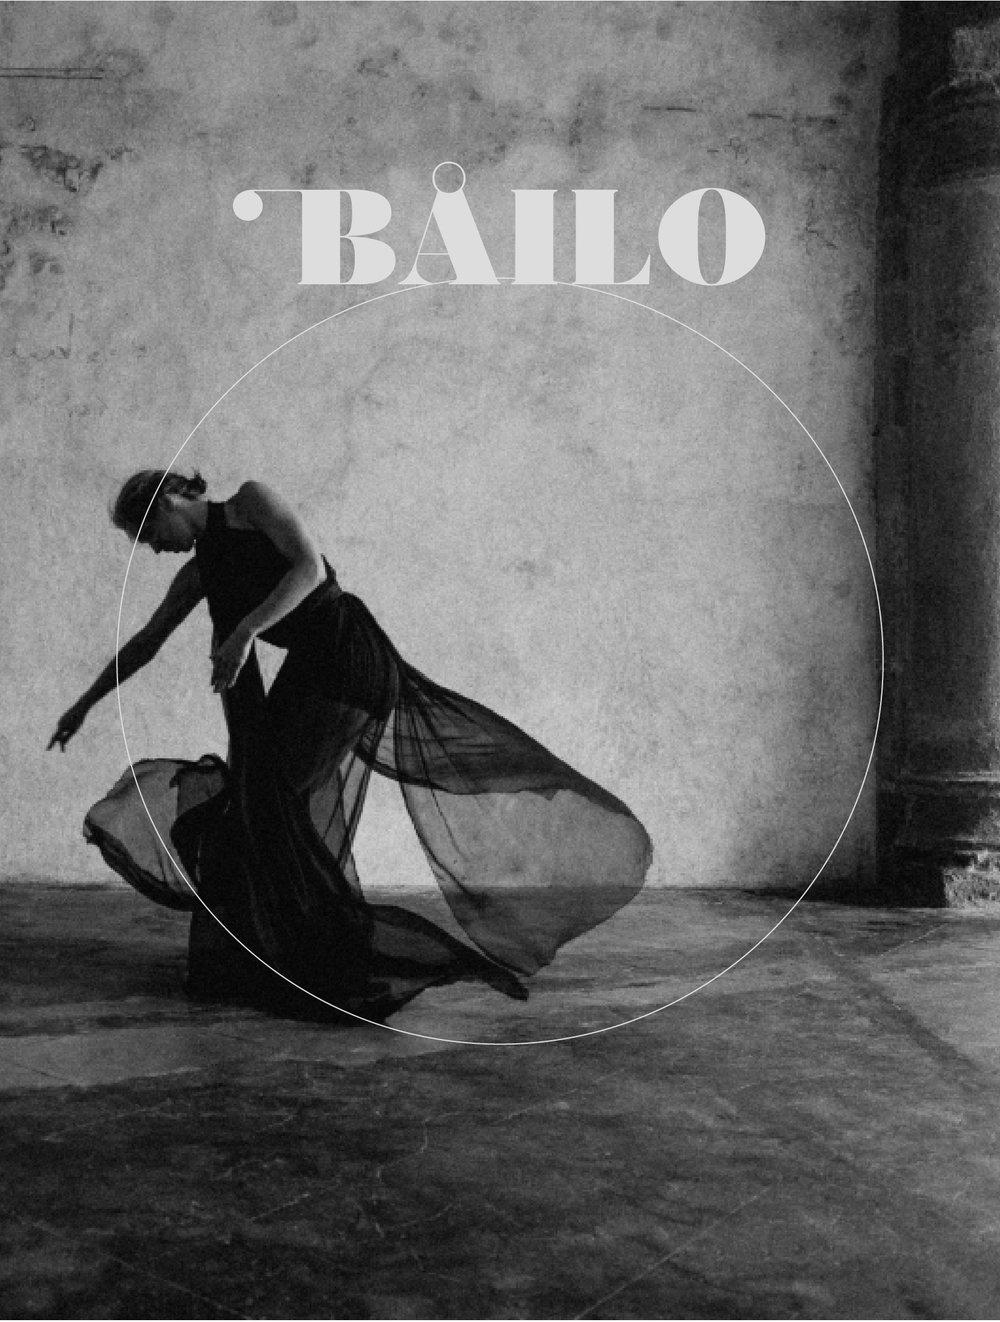 bailo